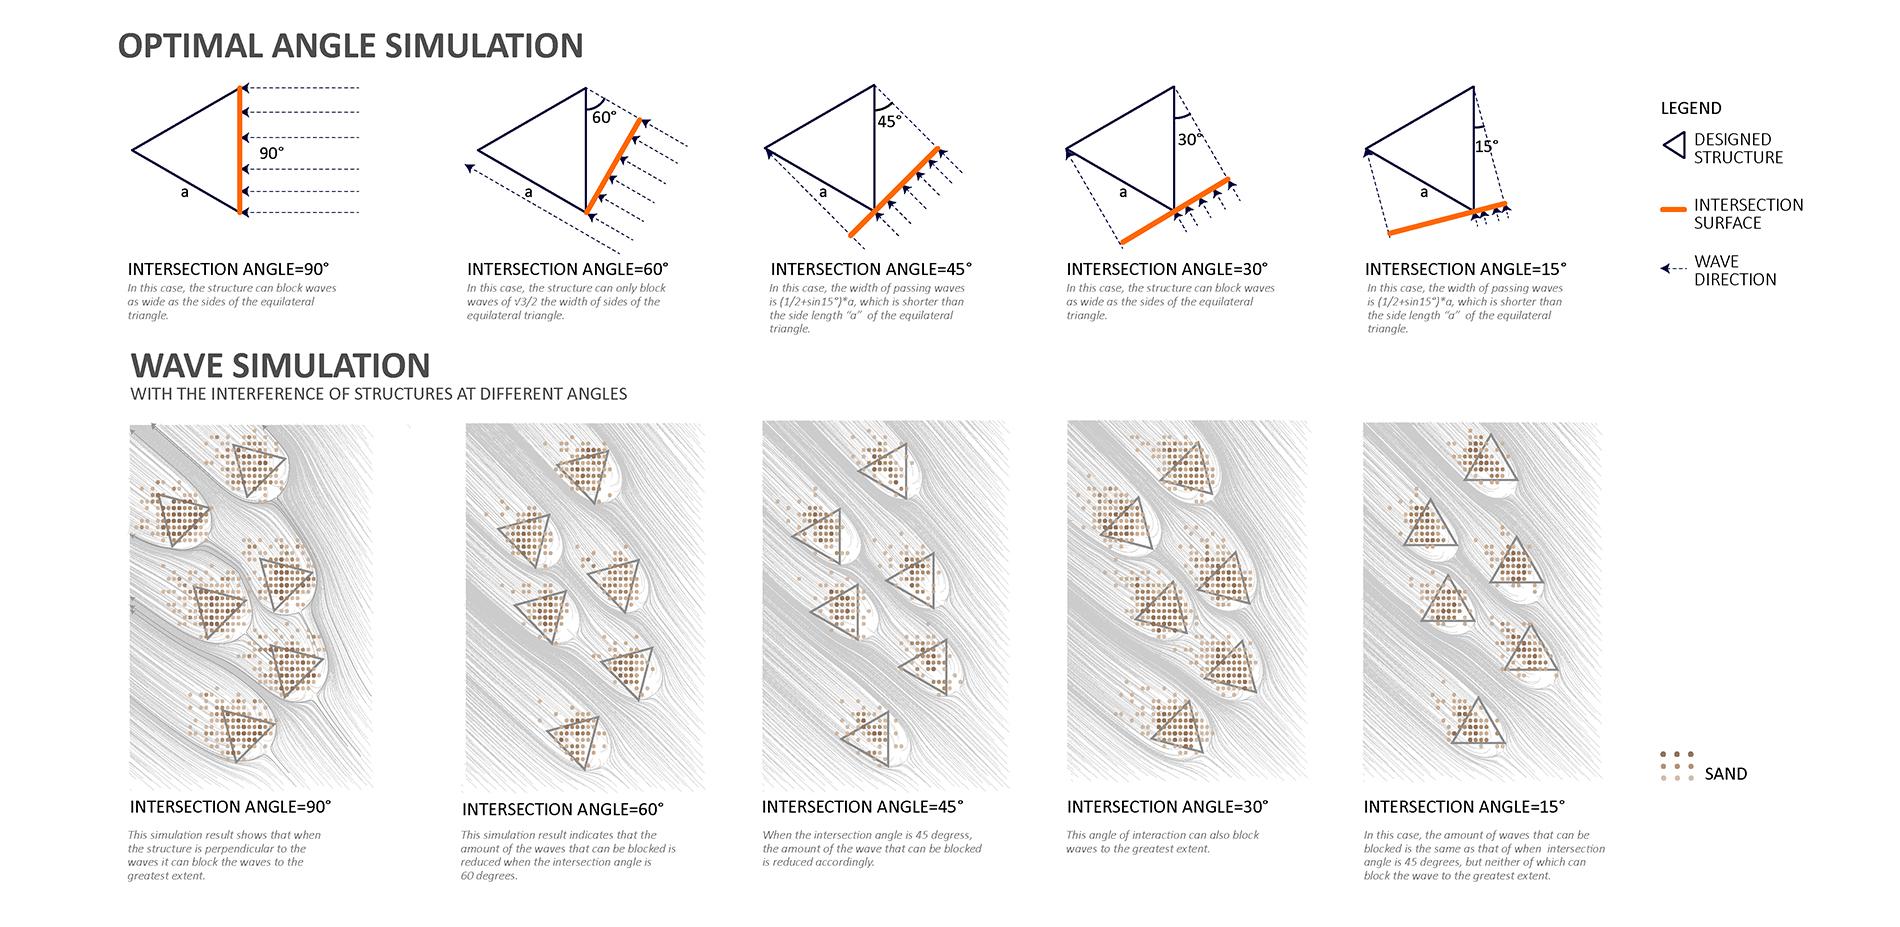 Optimal Angle Simulation